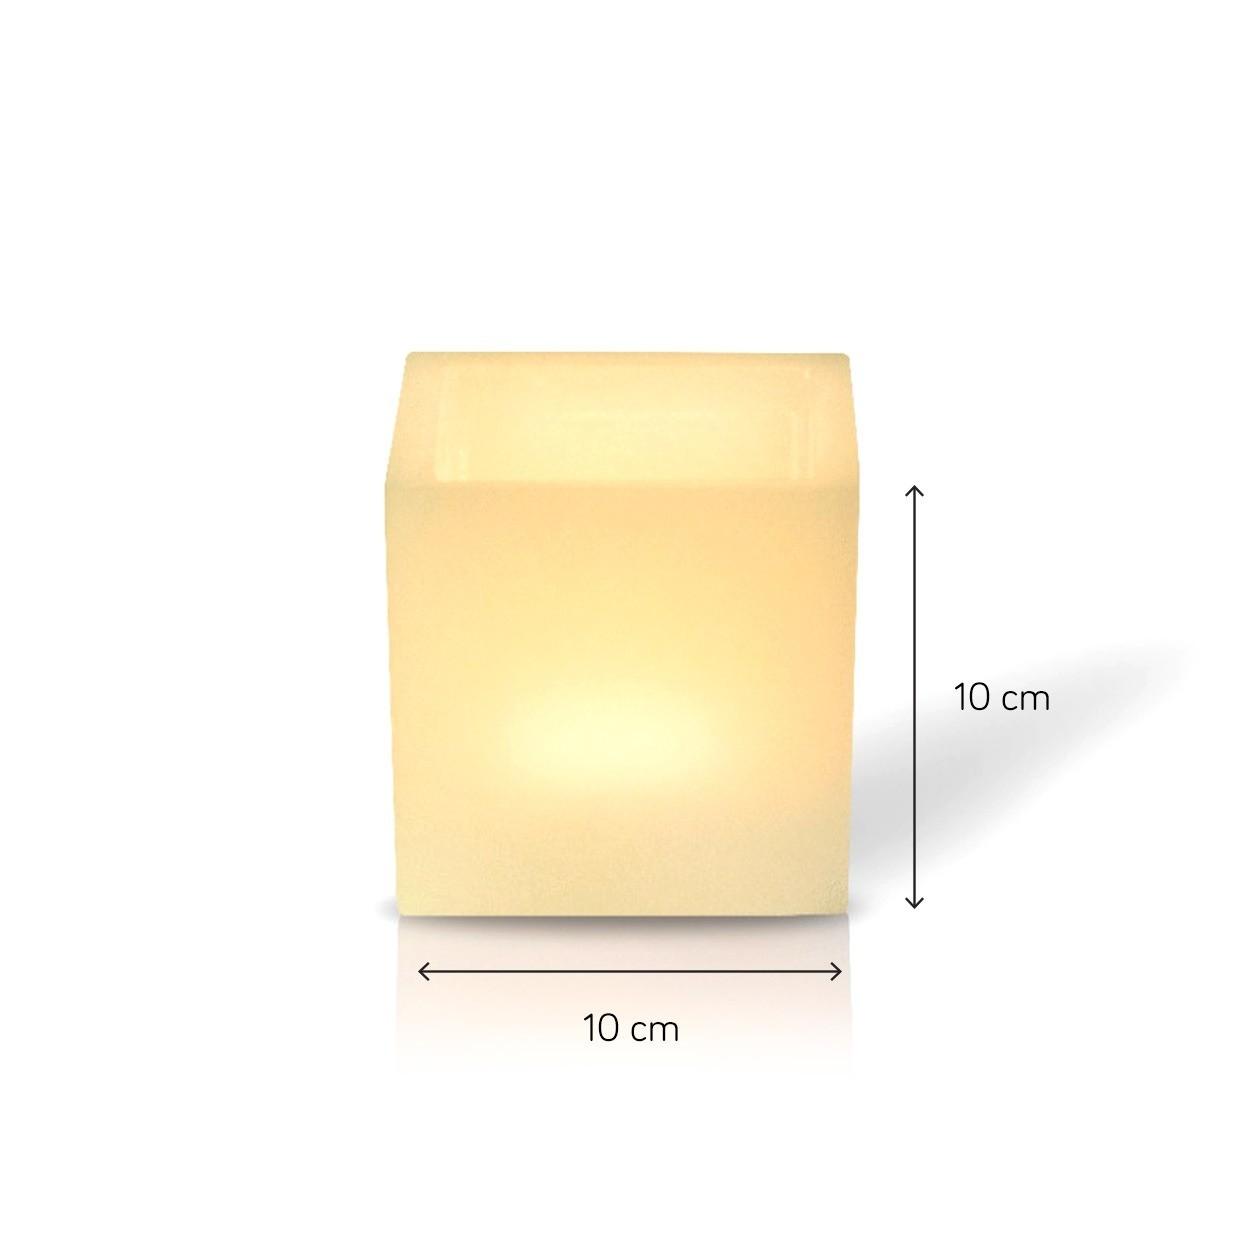 Luminária Quadrada com 10 cm